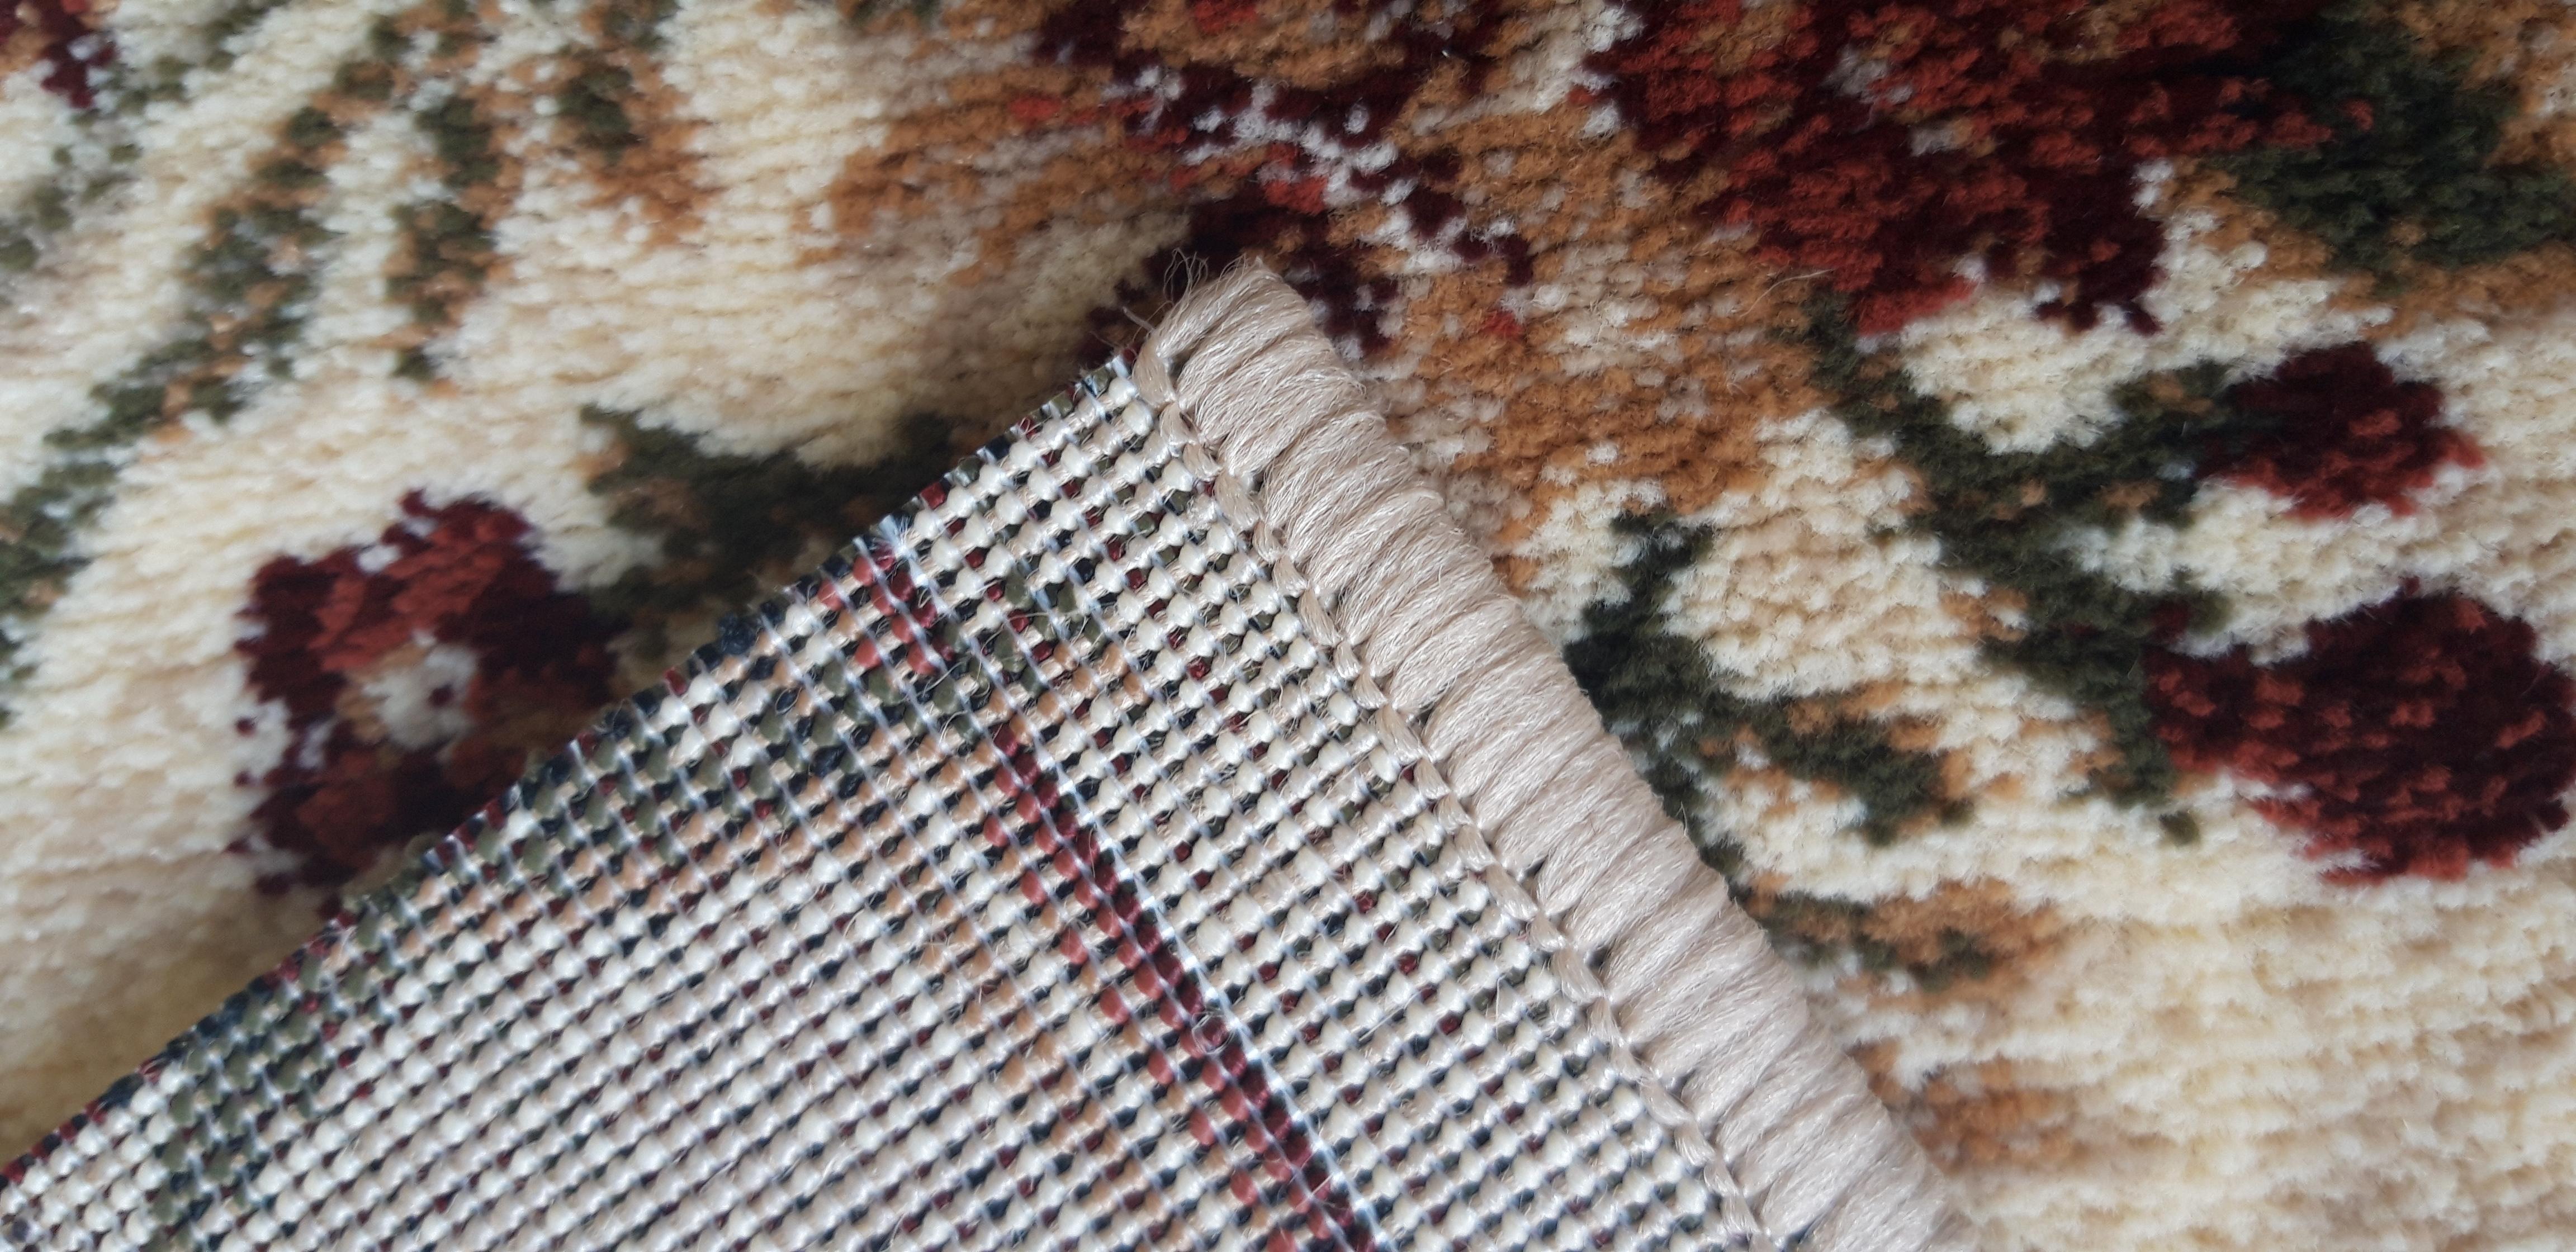 Traversa Covor, Lotos 551, Crem / Bej, 80x300 cm, 1800 gr/mp 5